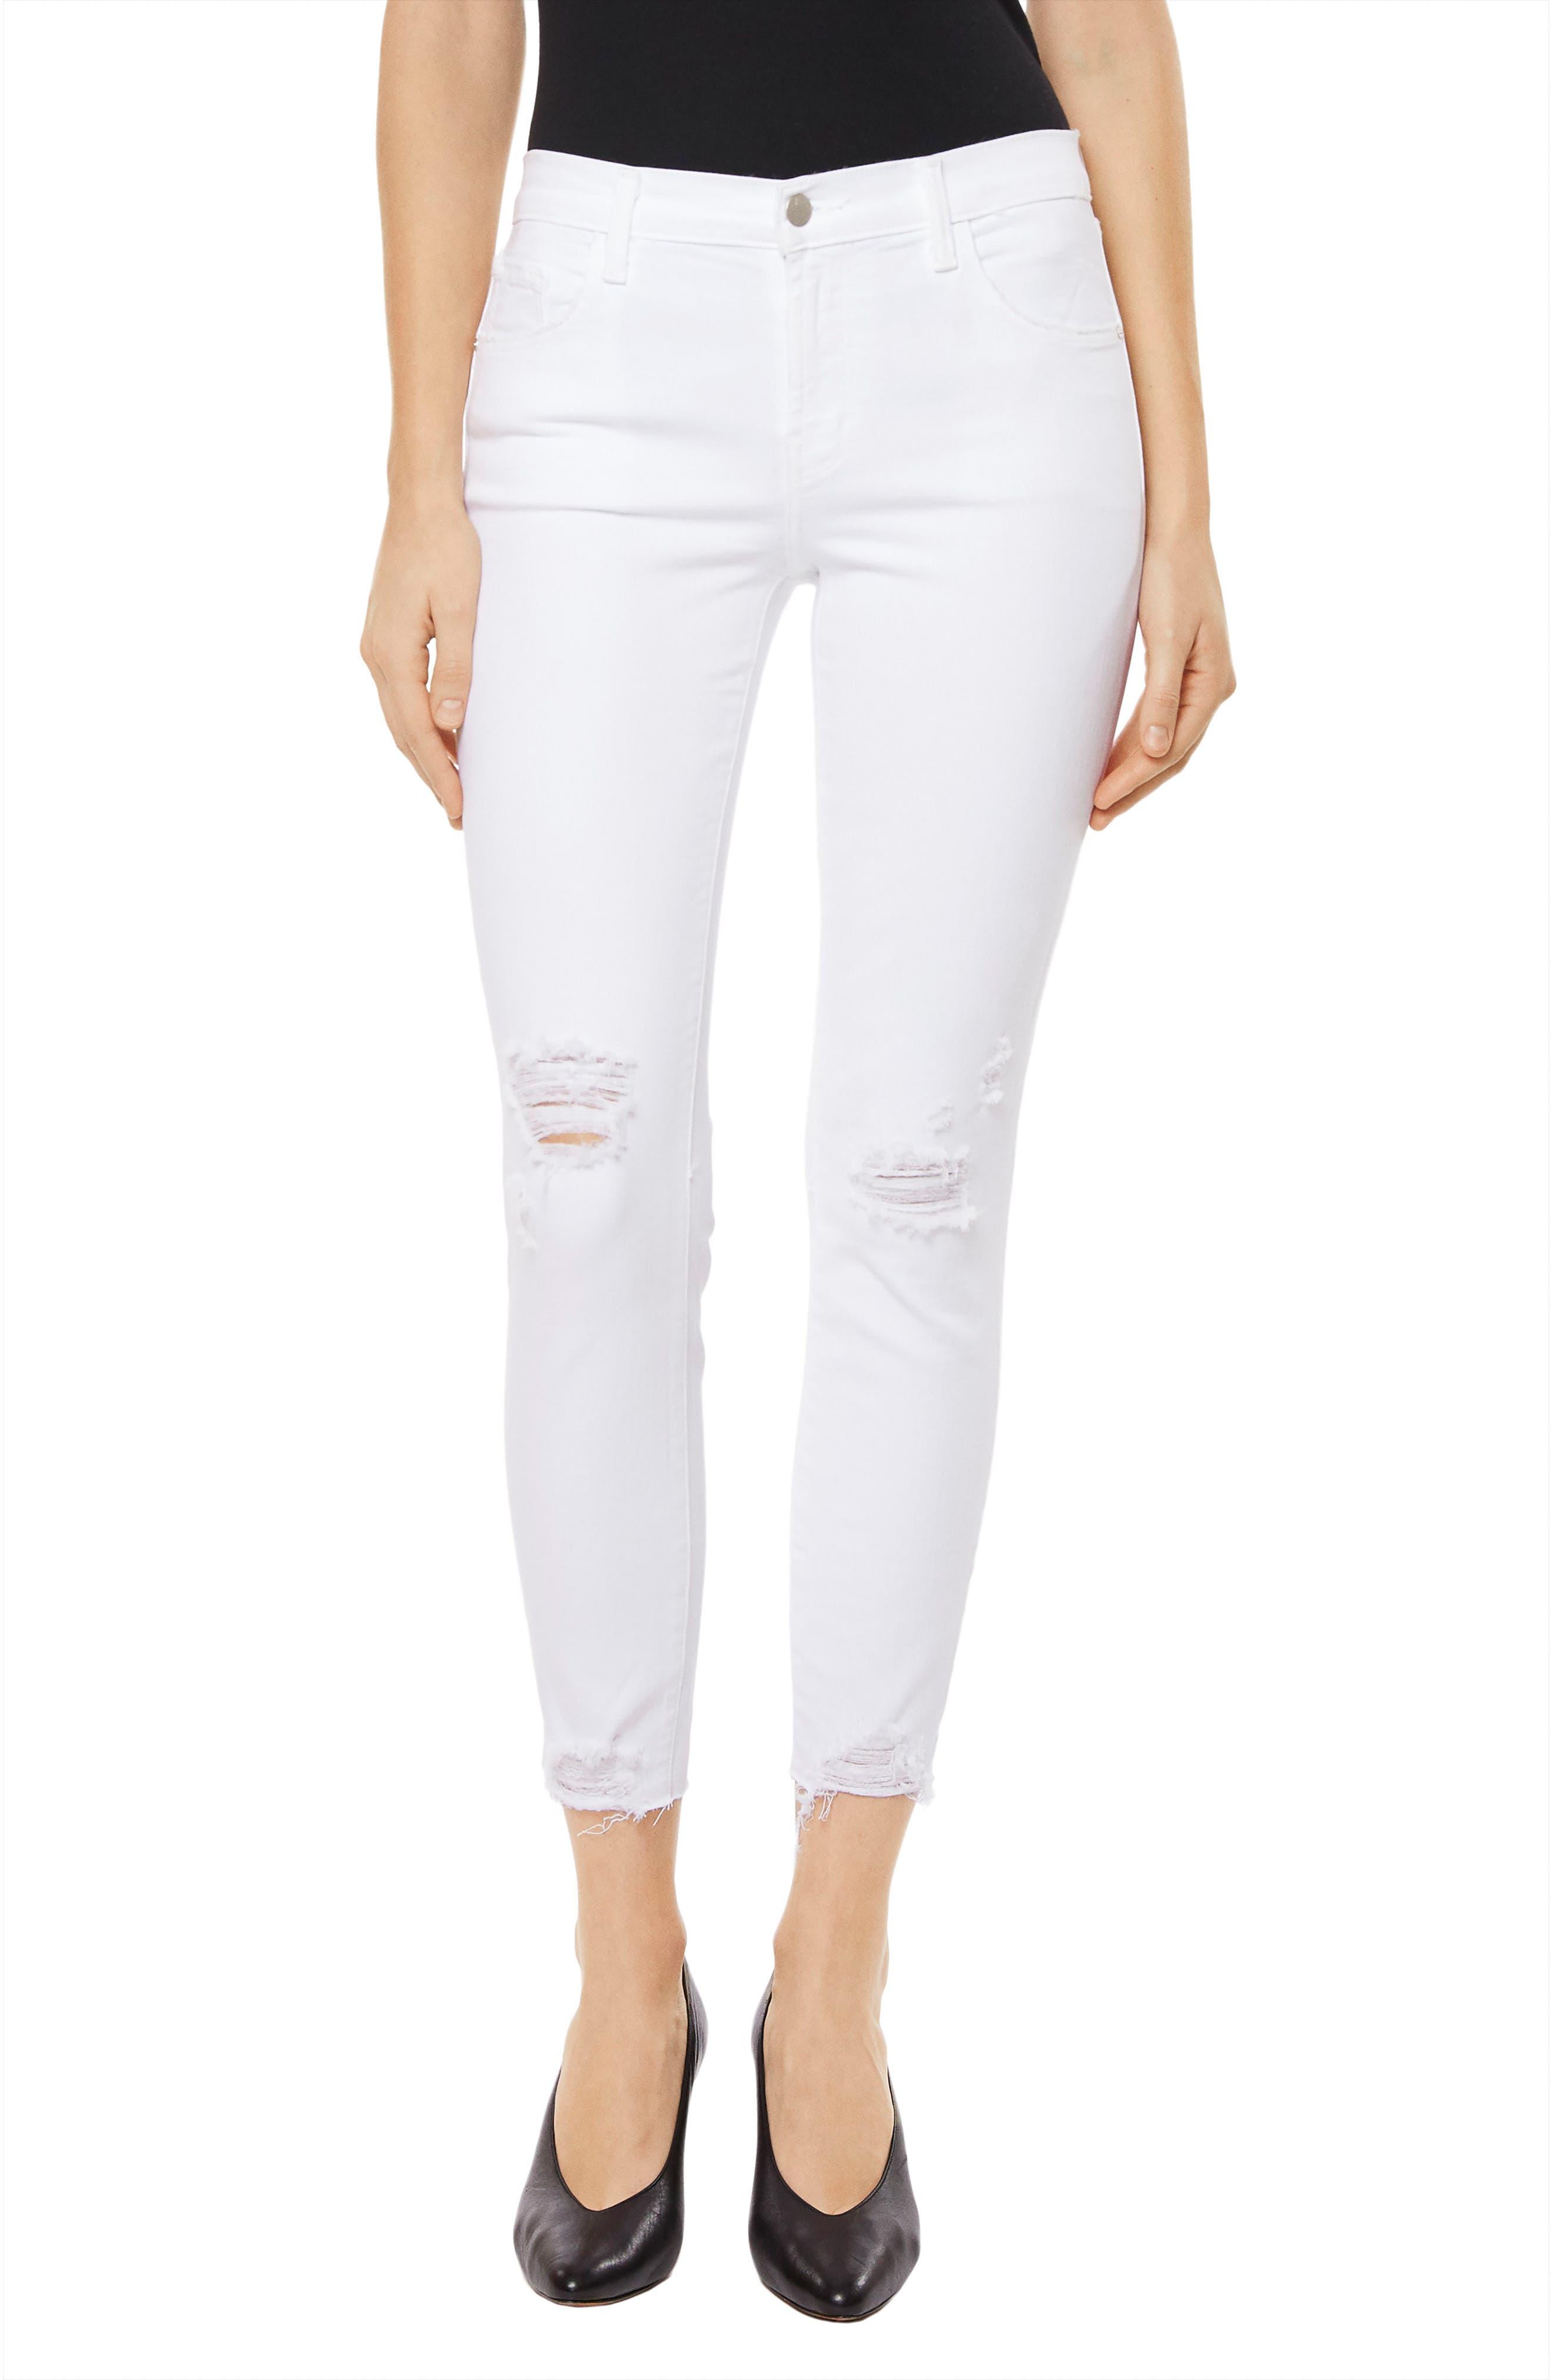 J Brand 835 Capri Skinny Jeans (Underexposed)